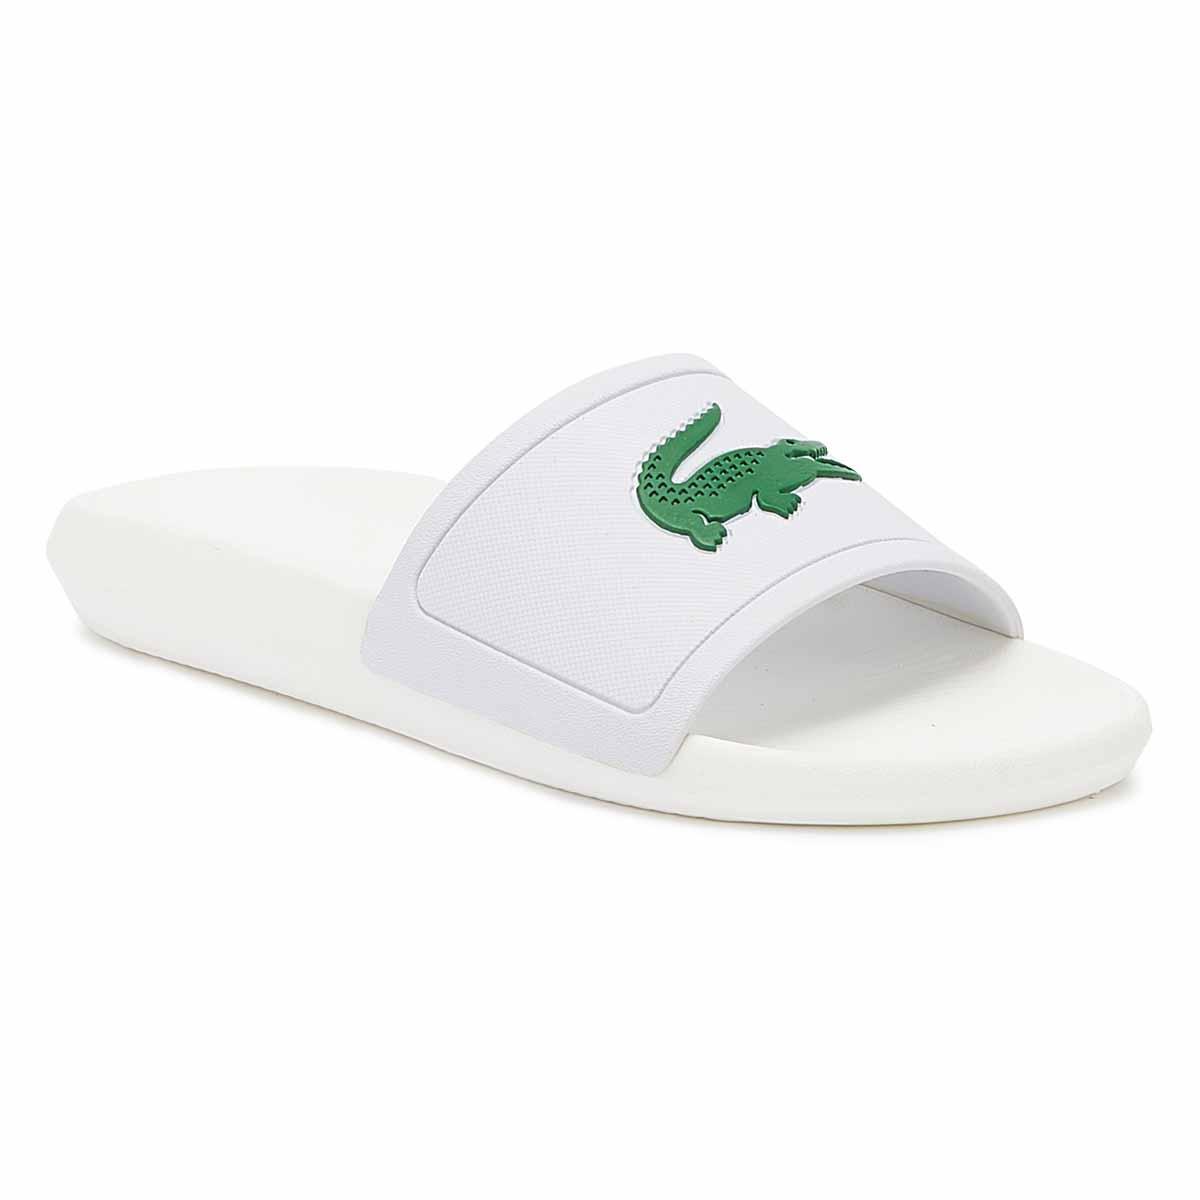 b75b21b2d Lyst - Lacoste Croco 119 1 Mens White   Green Slides in White for Men